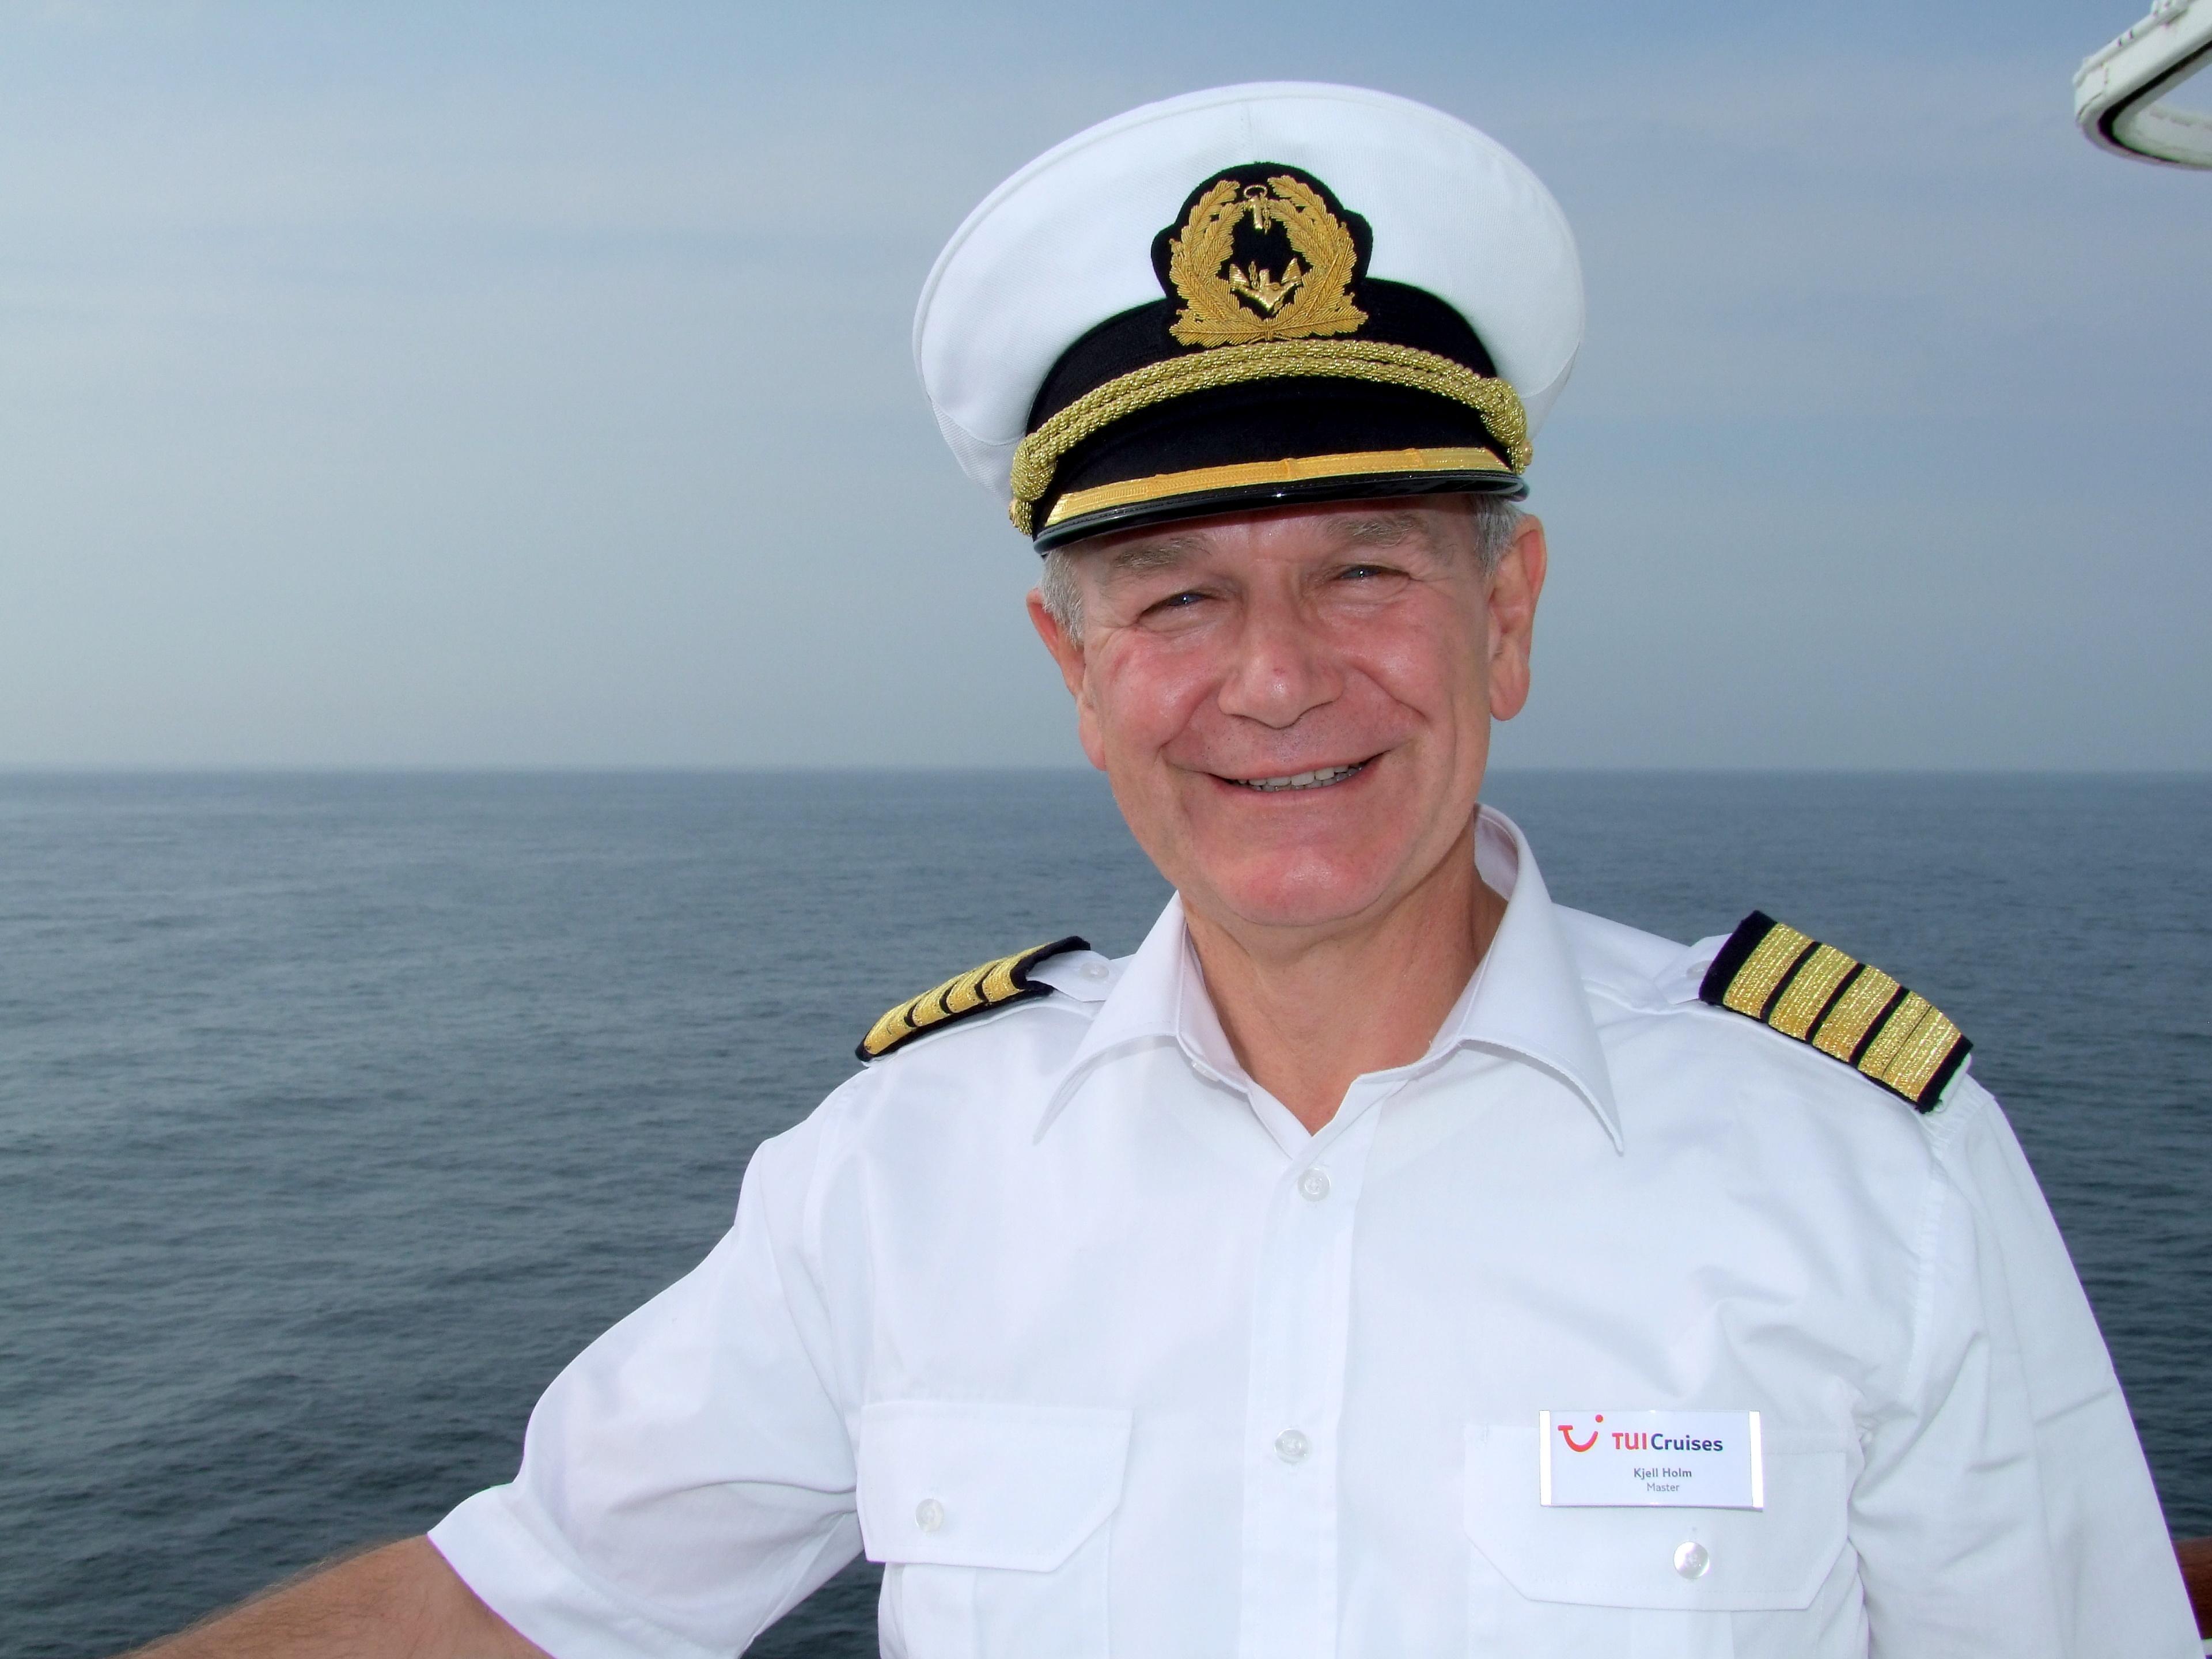 Mein Kapitän De Erfahrungen